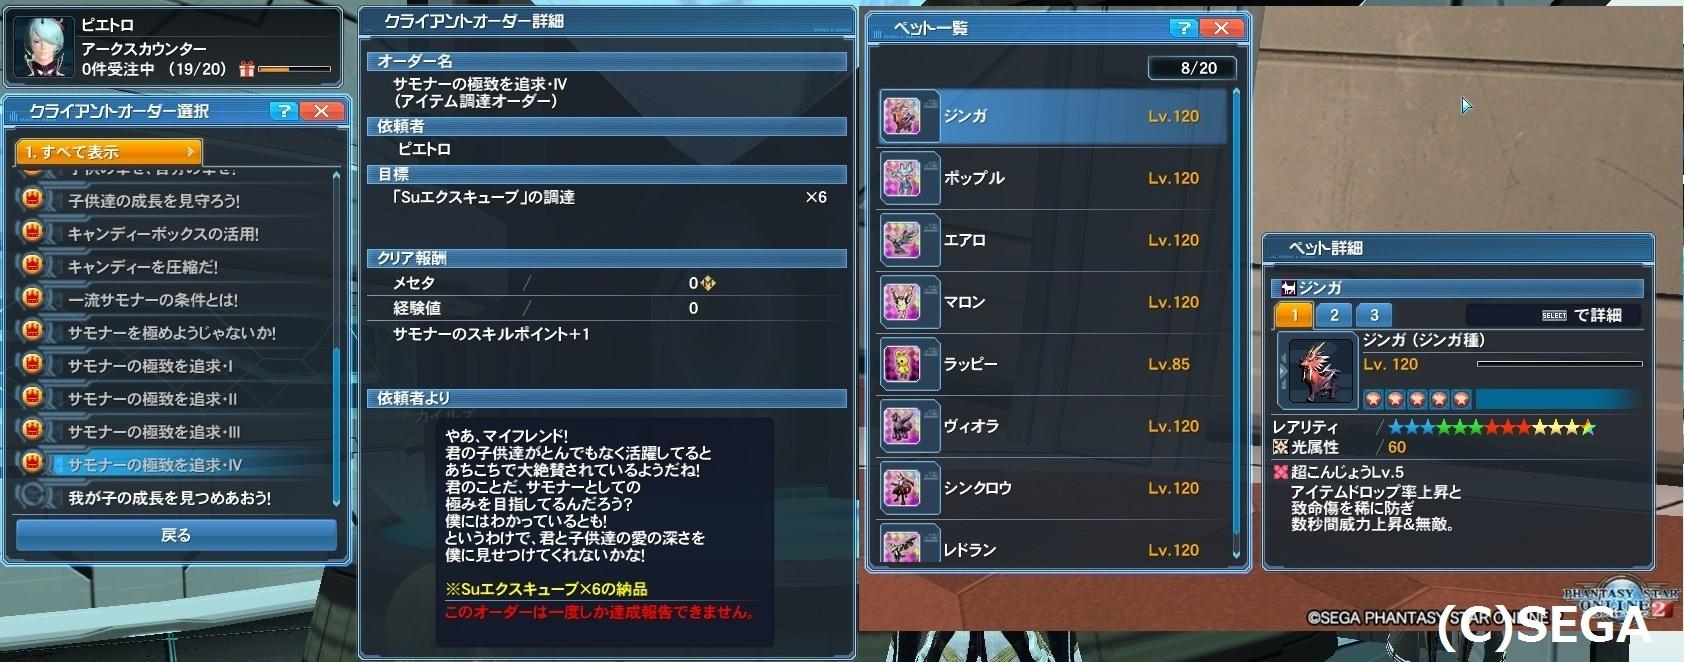 09_Su条件達成